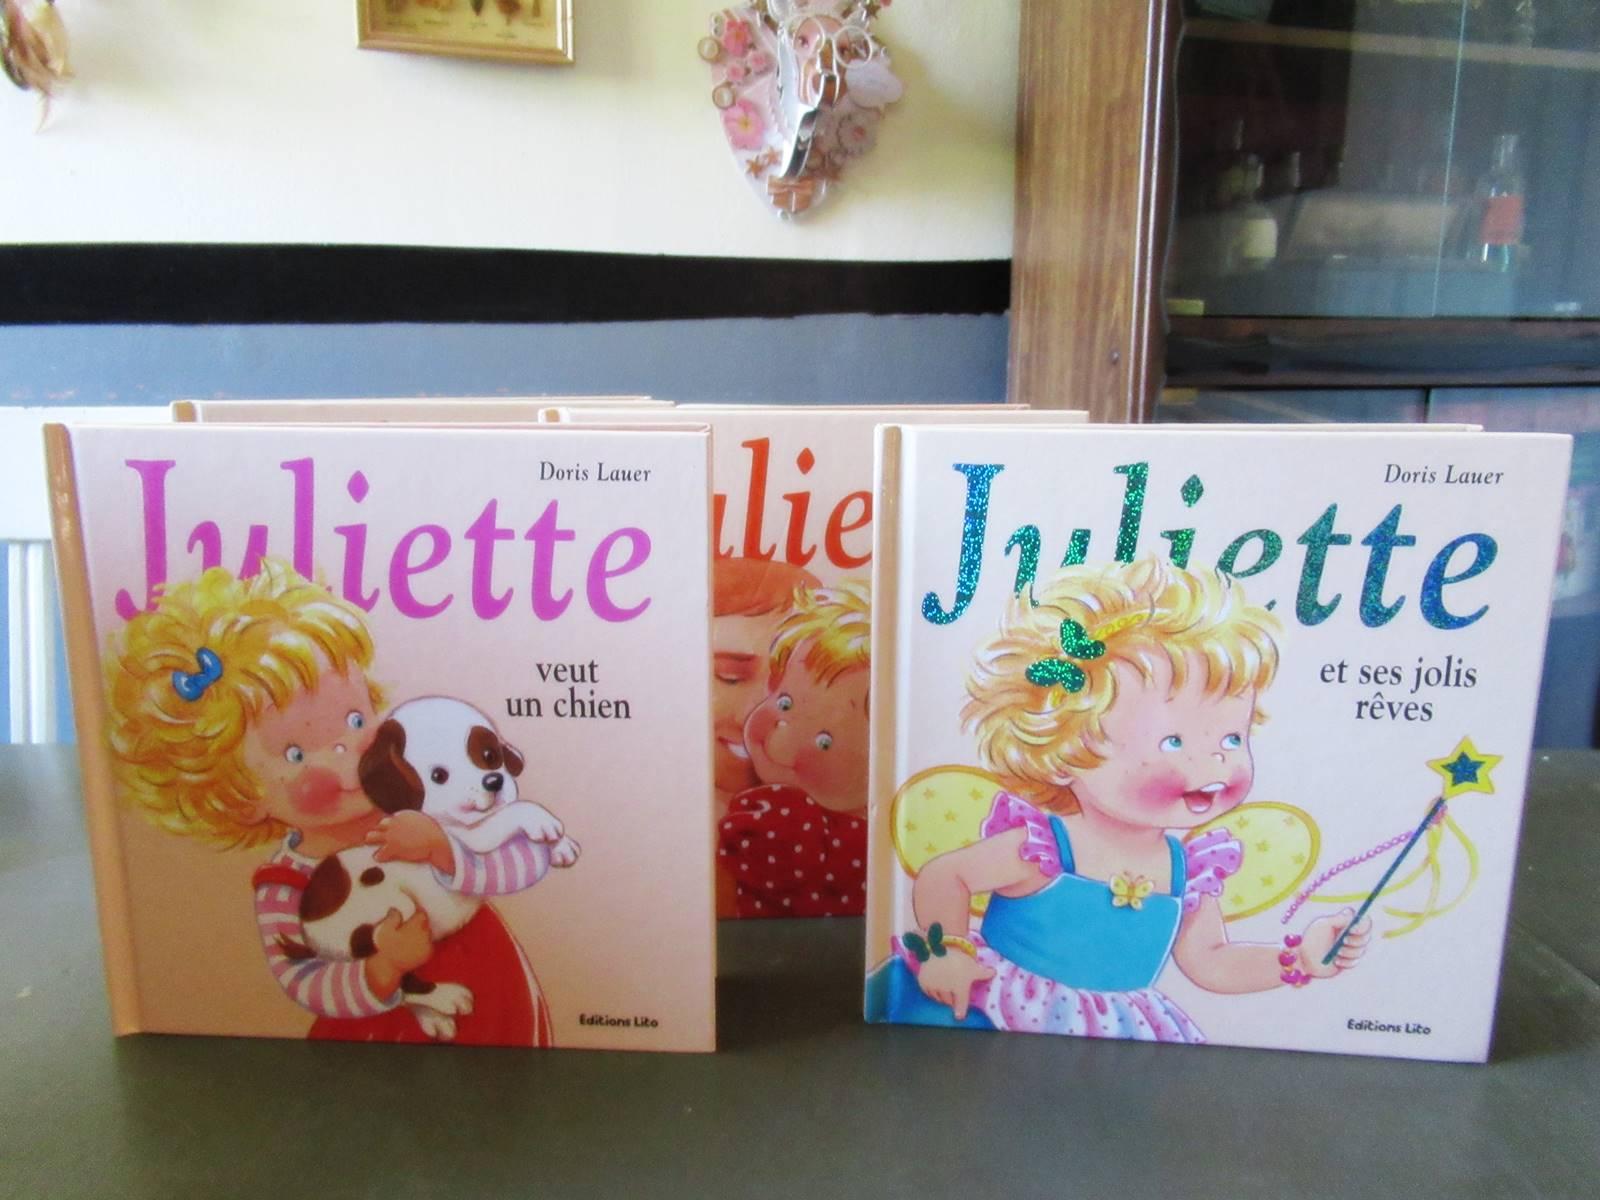 Juliette livre en cursive editions lito